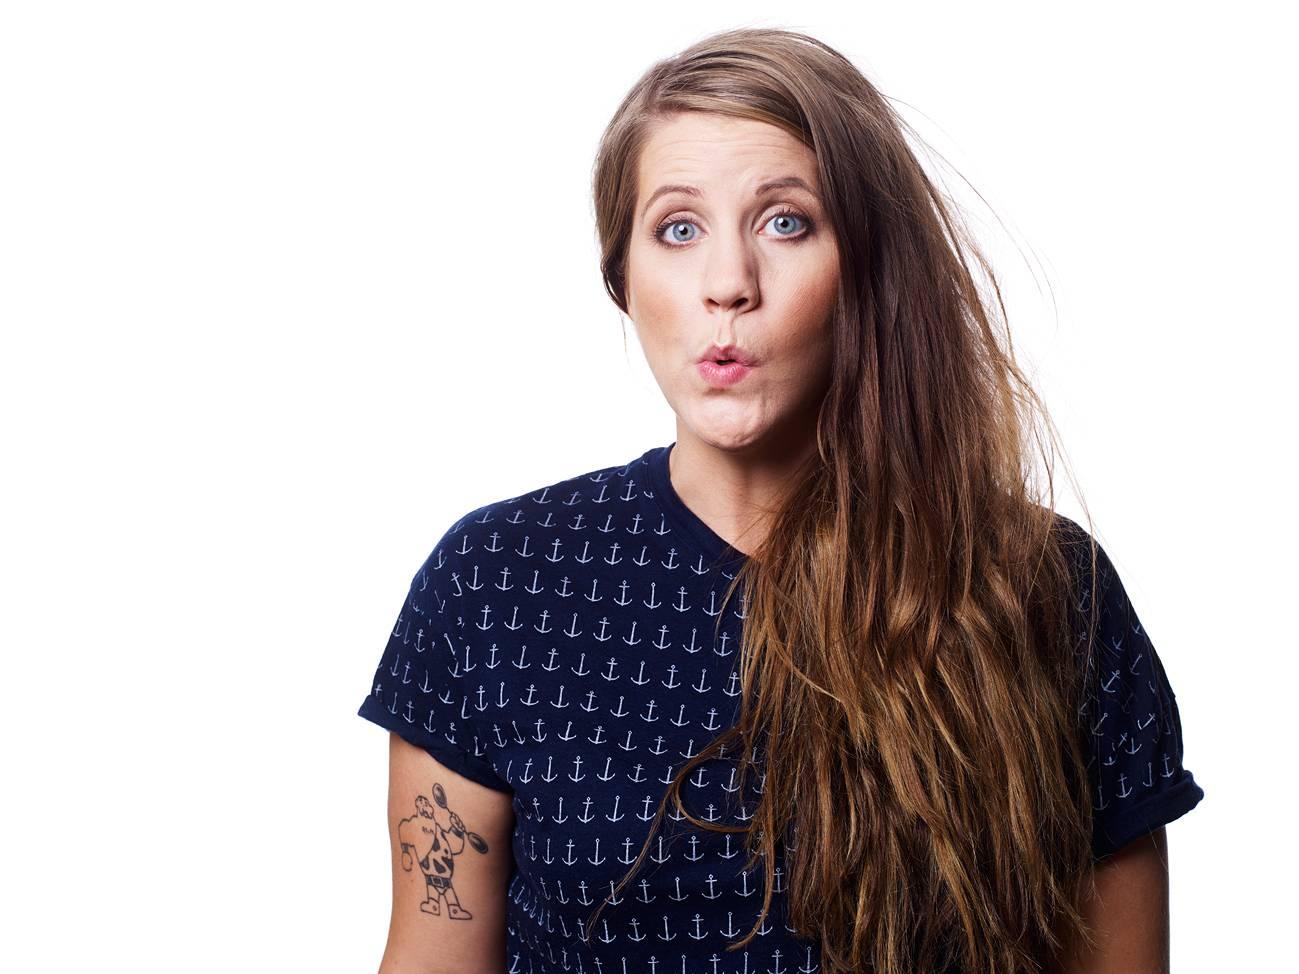 Rockový festival jen pro ženy: Ve Švédsku zakážou mužům vstup, aby se naučili chovat